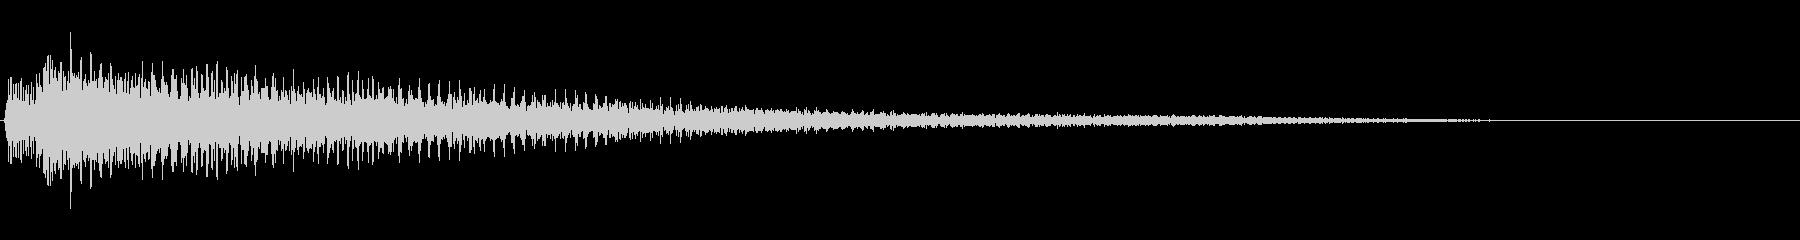 【ピアノ生演奏】明るいピアノジングルの未再生の波形